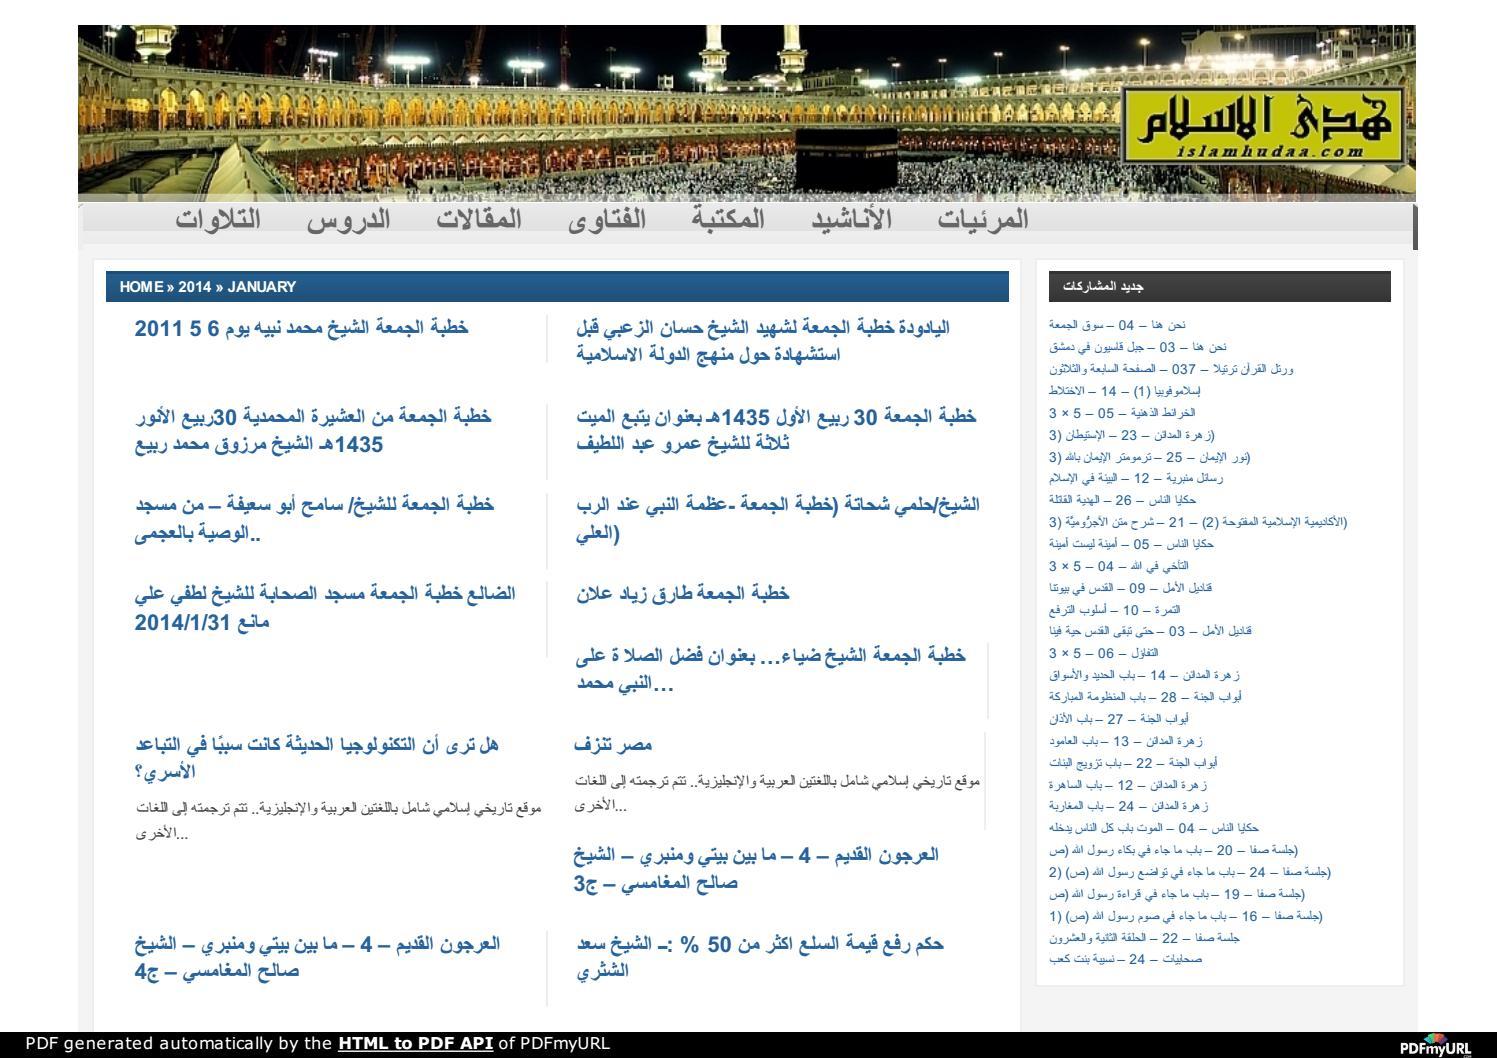 81c4b8b6ad834 Islamhudaa com i0 2014 1 by Islam Hudaa - issuu